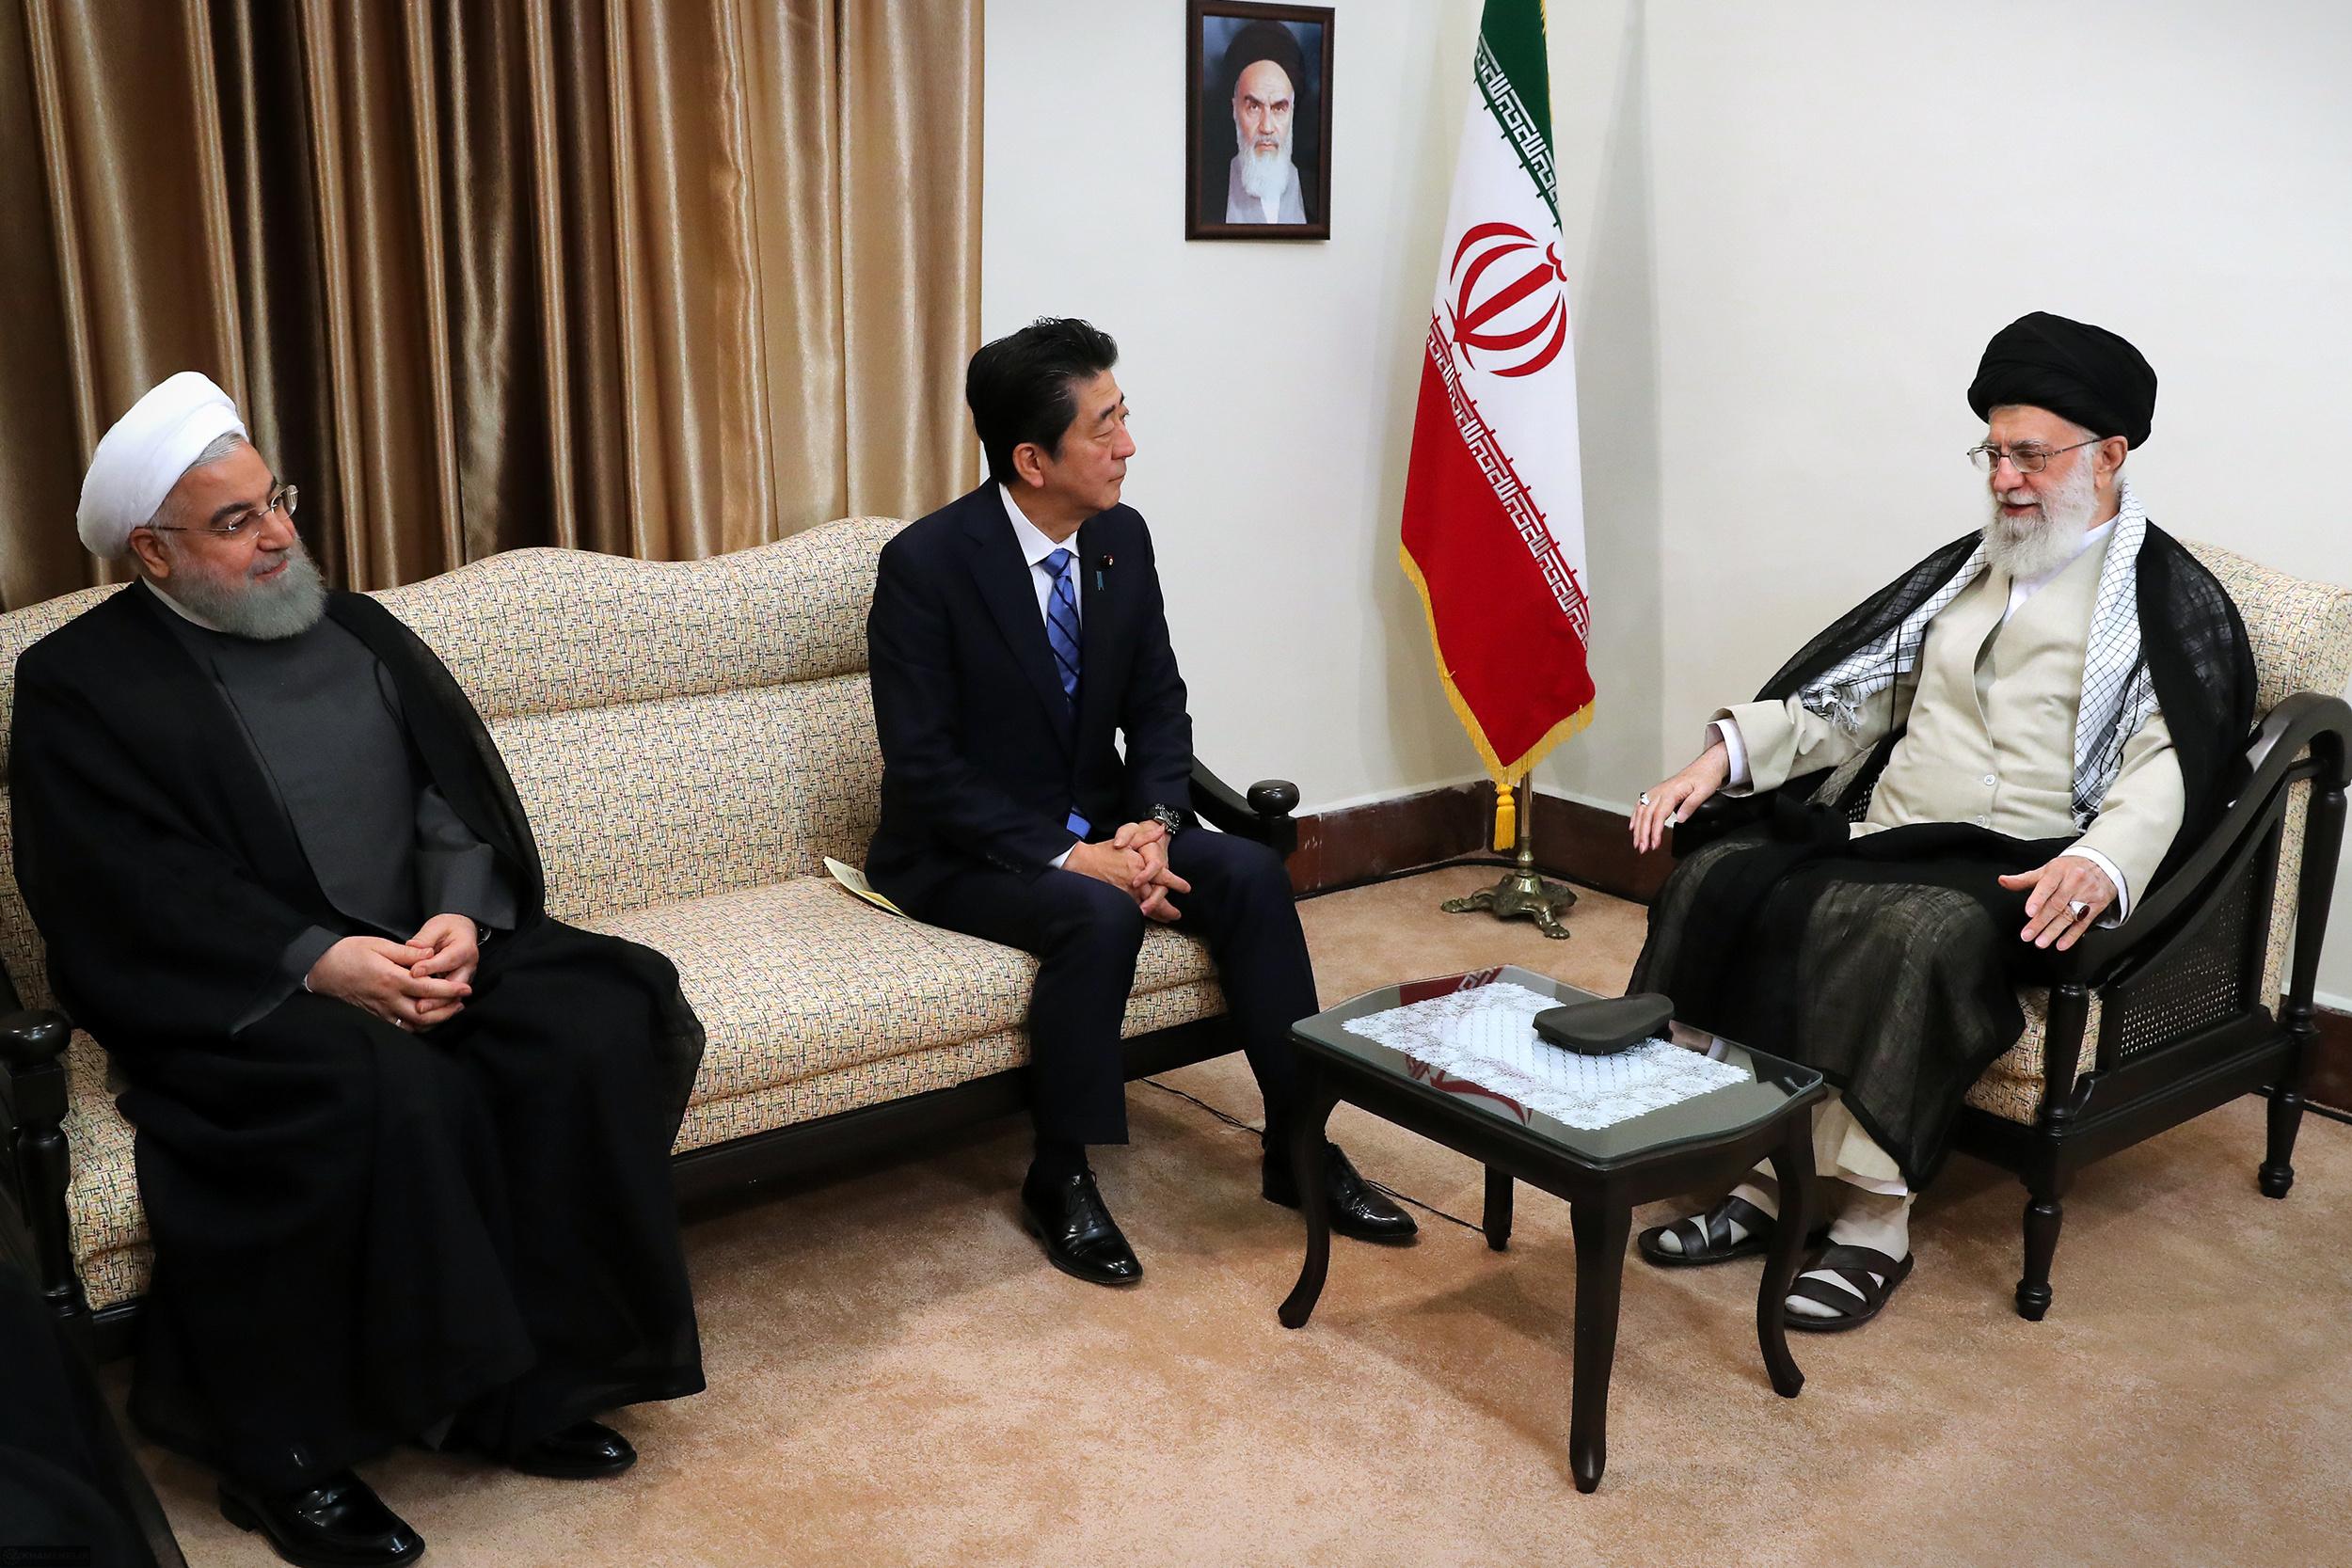 ایران هیچ اعتمادی به آمریکا ندارد / ترامپ را شایسته مبادله پیام نمی دانم